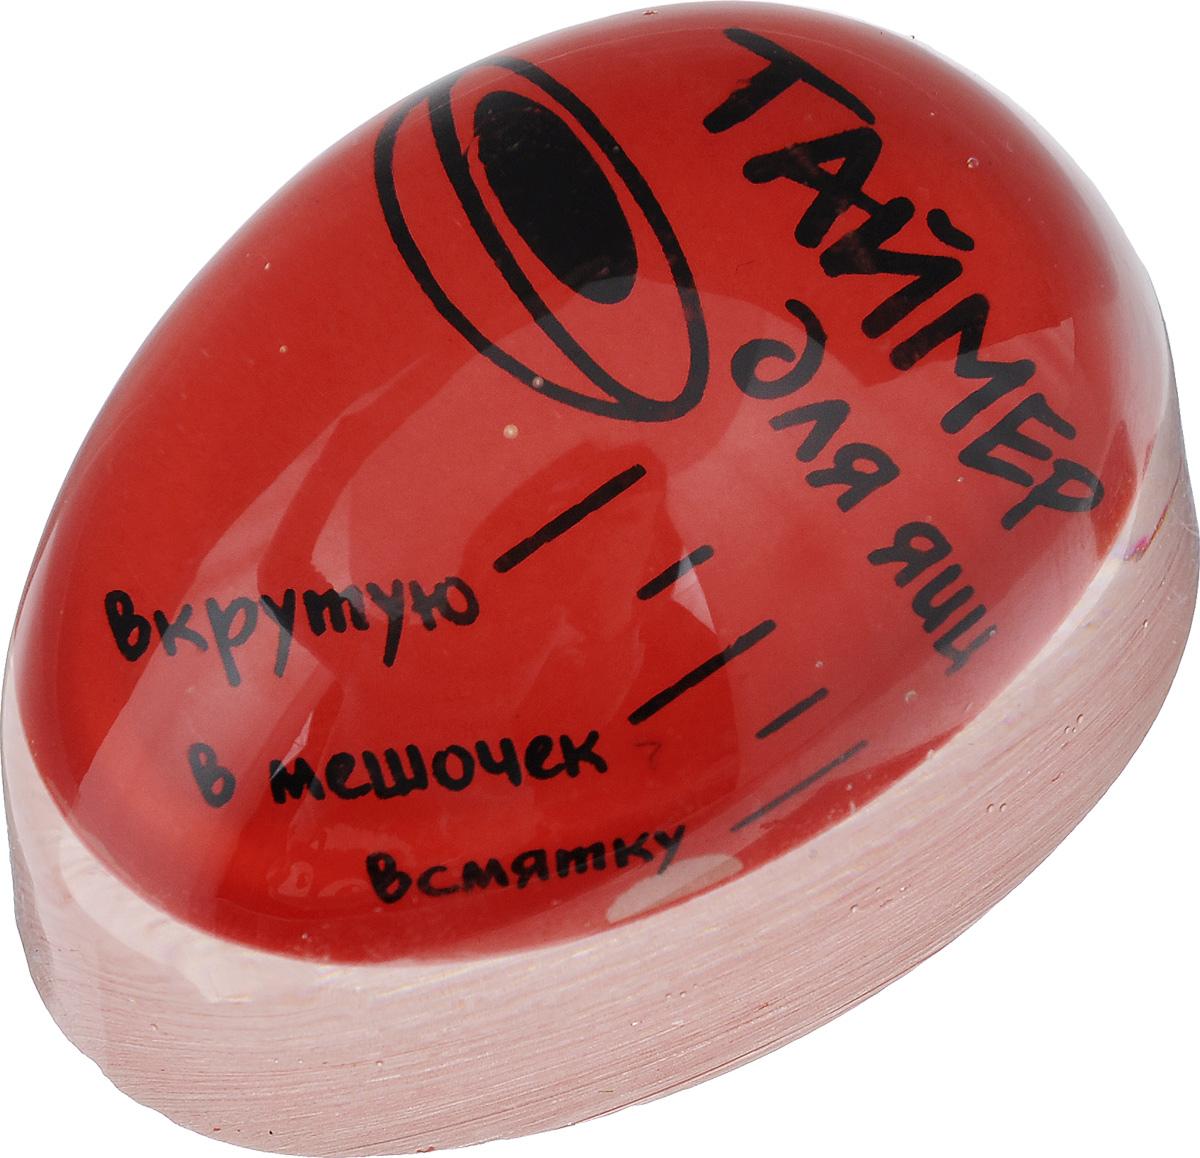 Таймер для варки яиц Miolla, цвет: красный1516044/1516044UТаймер для варки яиц Miolla поможет приготовить яйца в нужном вам виде. Изделие выполнено из высококачественного пластика. Использовать таймер очень просто. Налейте в кастрюлю холодную воду, положите необходимое количество яиц, поместите туда таймер и поставьте на газовую плиту. В процессе варки таймер начнет изменять цвет от внешнего контура. Достижение контуром определенного деления (всмятку, в мешочек, вкрутую) означает соответствующую степень готовности яиц. Оригинально и просто!